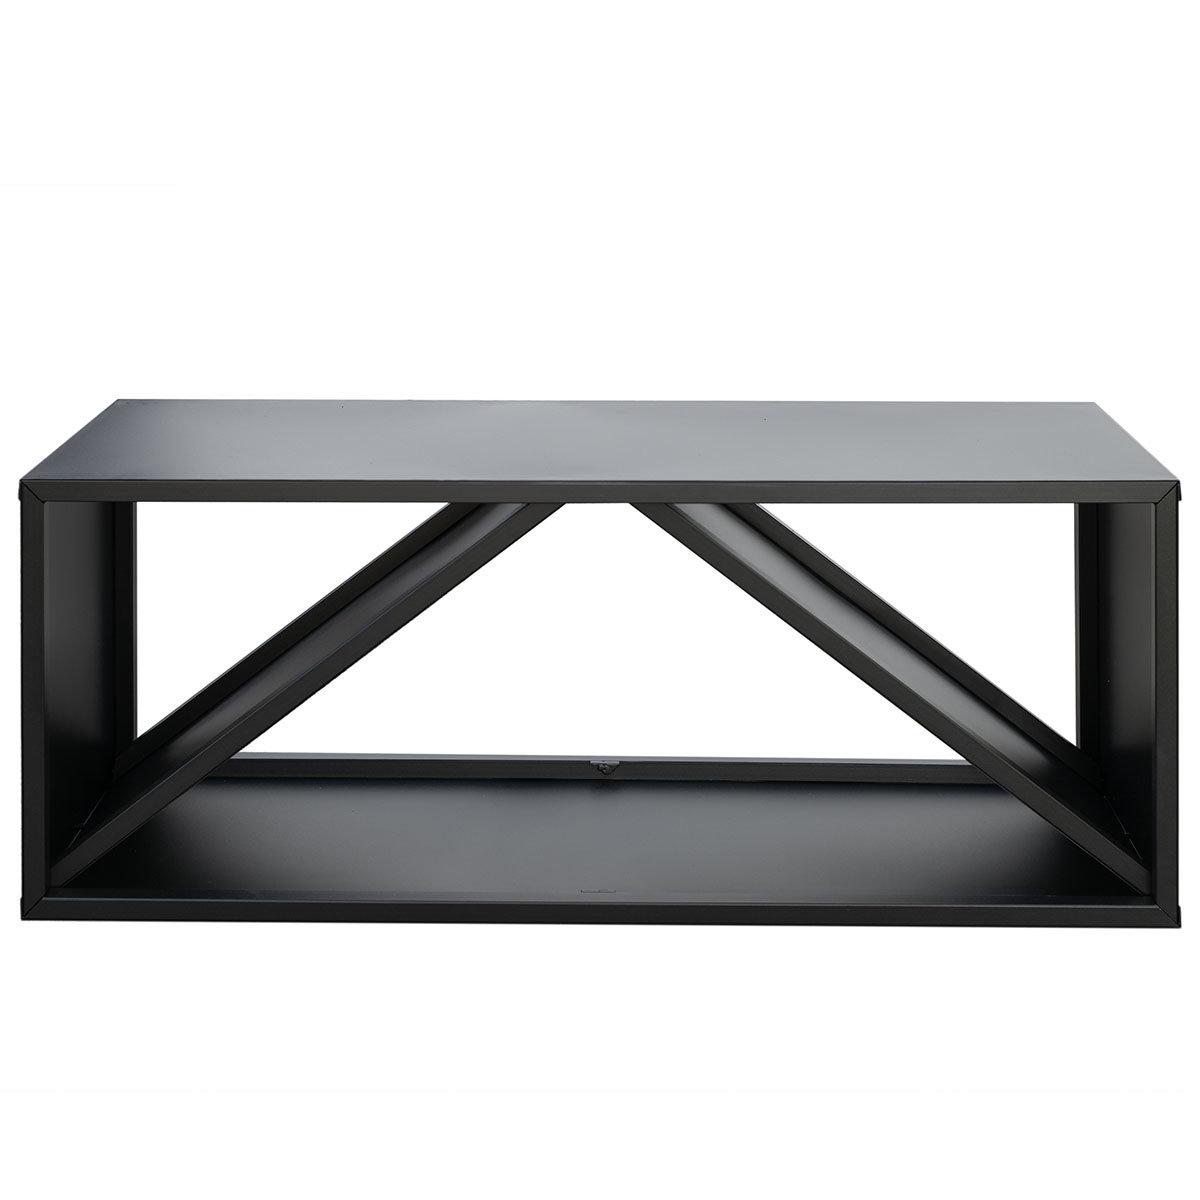 Kaminholzregal 104x34,5x40 cm, schwarz | #3